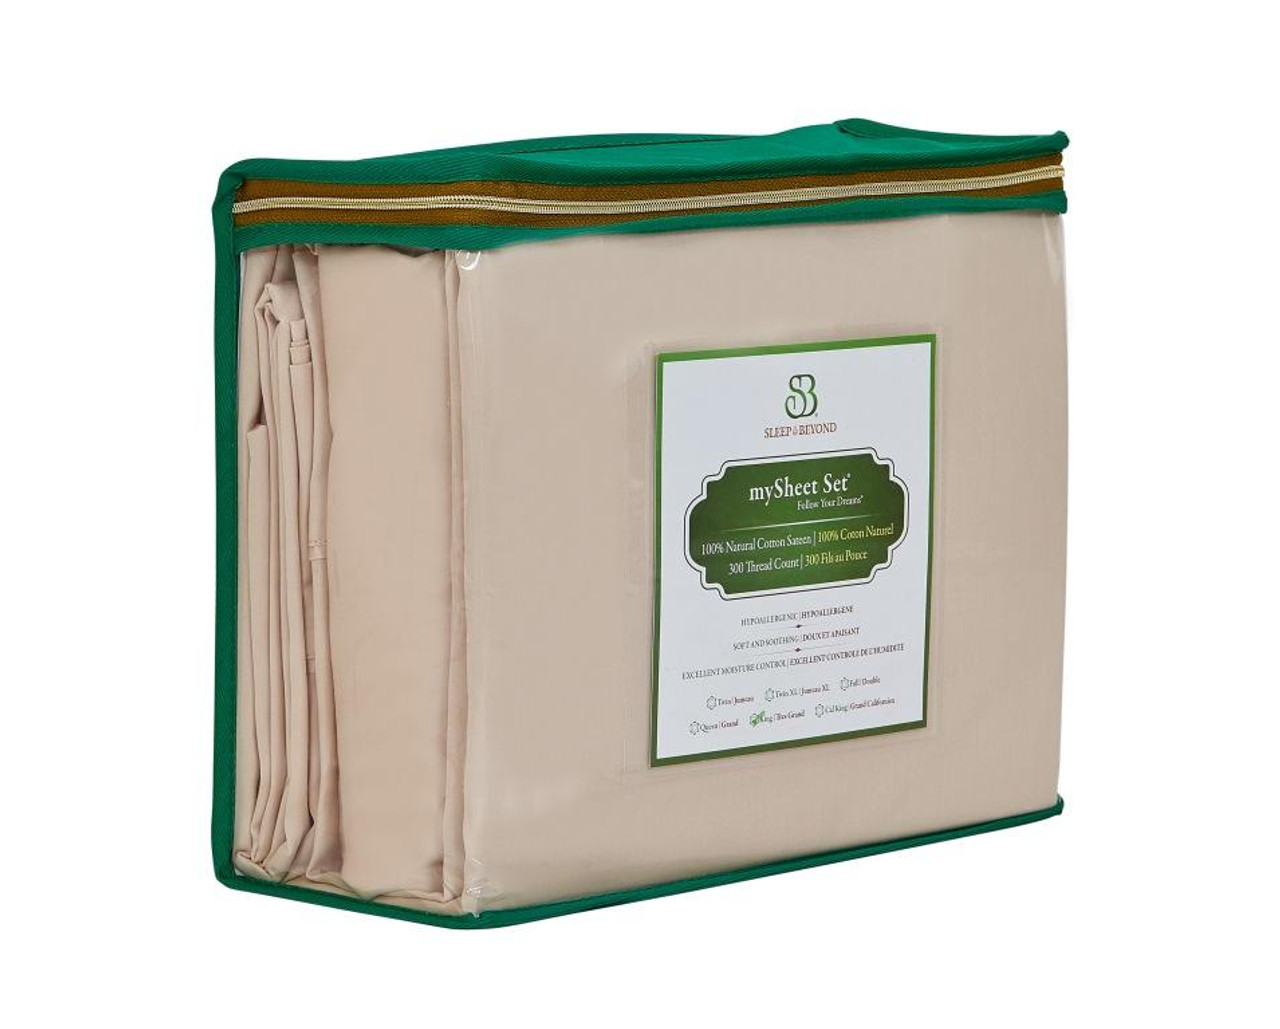 Sleep & Beyond mySheet Set 100% Natural Cotton Sheet Set, natural cotton bed sheets front package 2